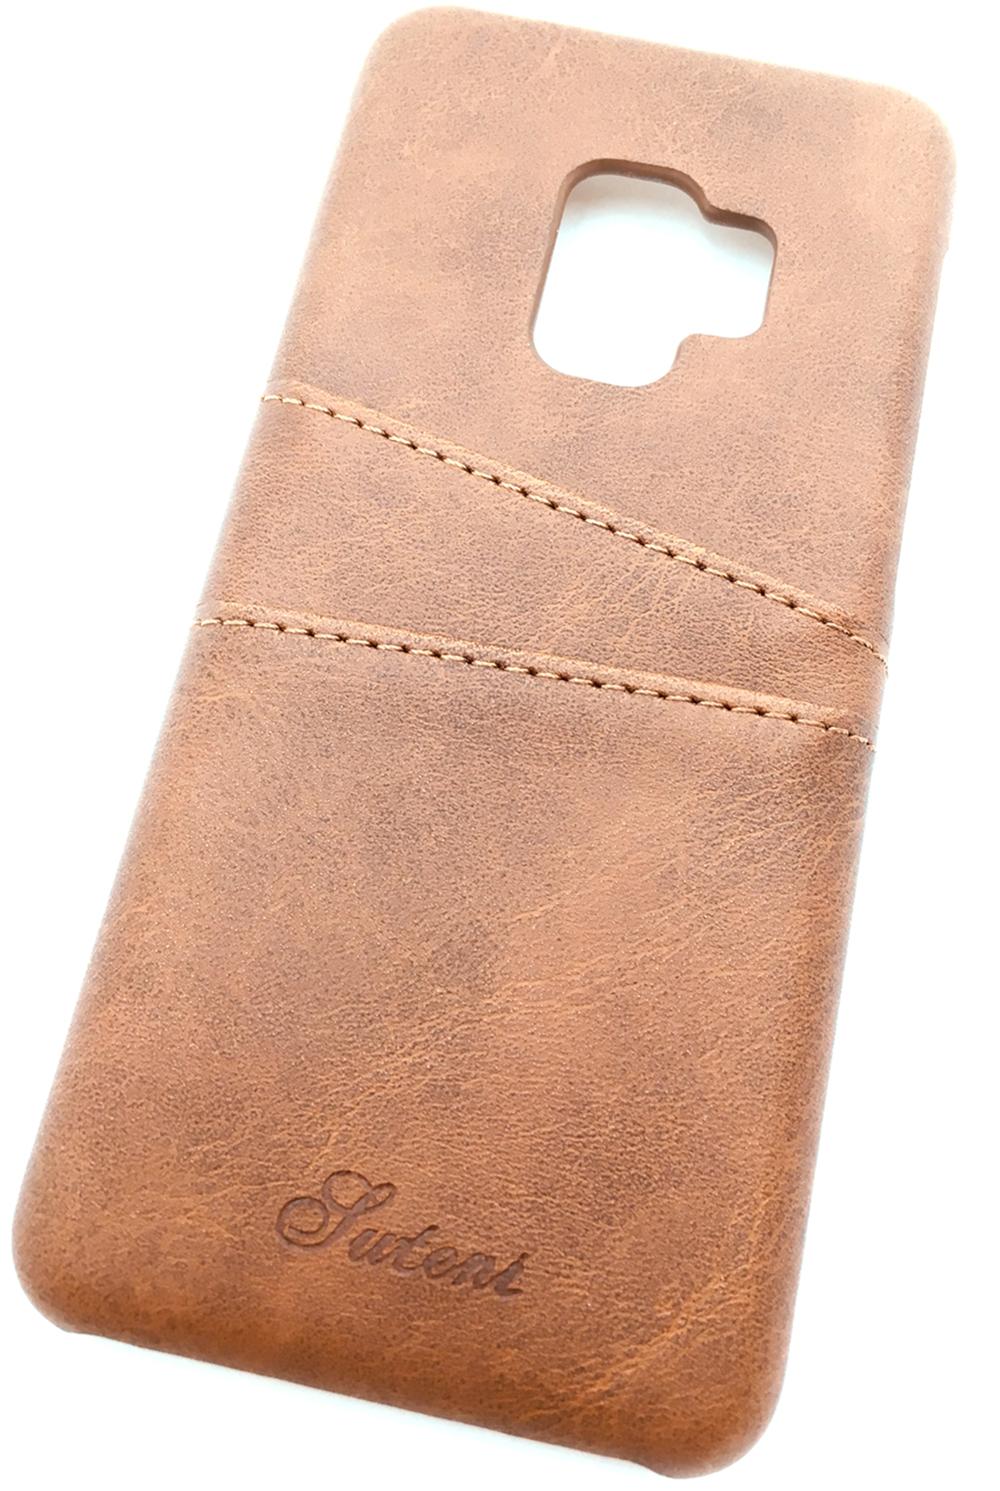 Чехол для сотового телефона Мобильная мода Samsung S9 Накладка кожанная, с двумя карманами для карт, 7178A, коричневый